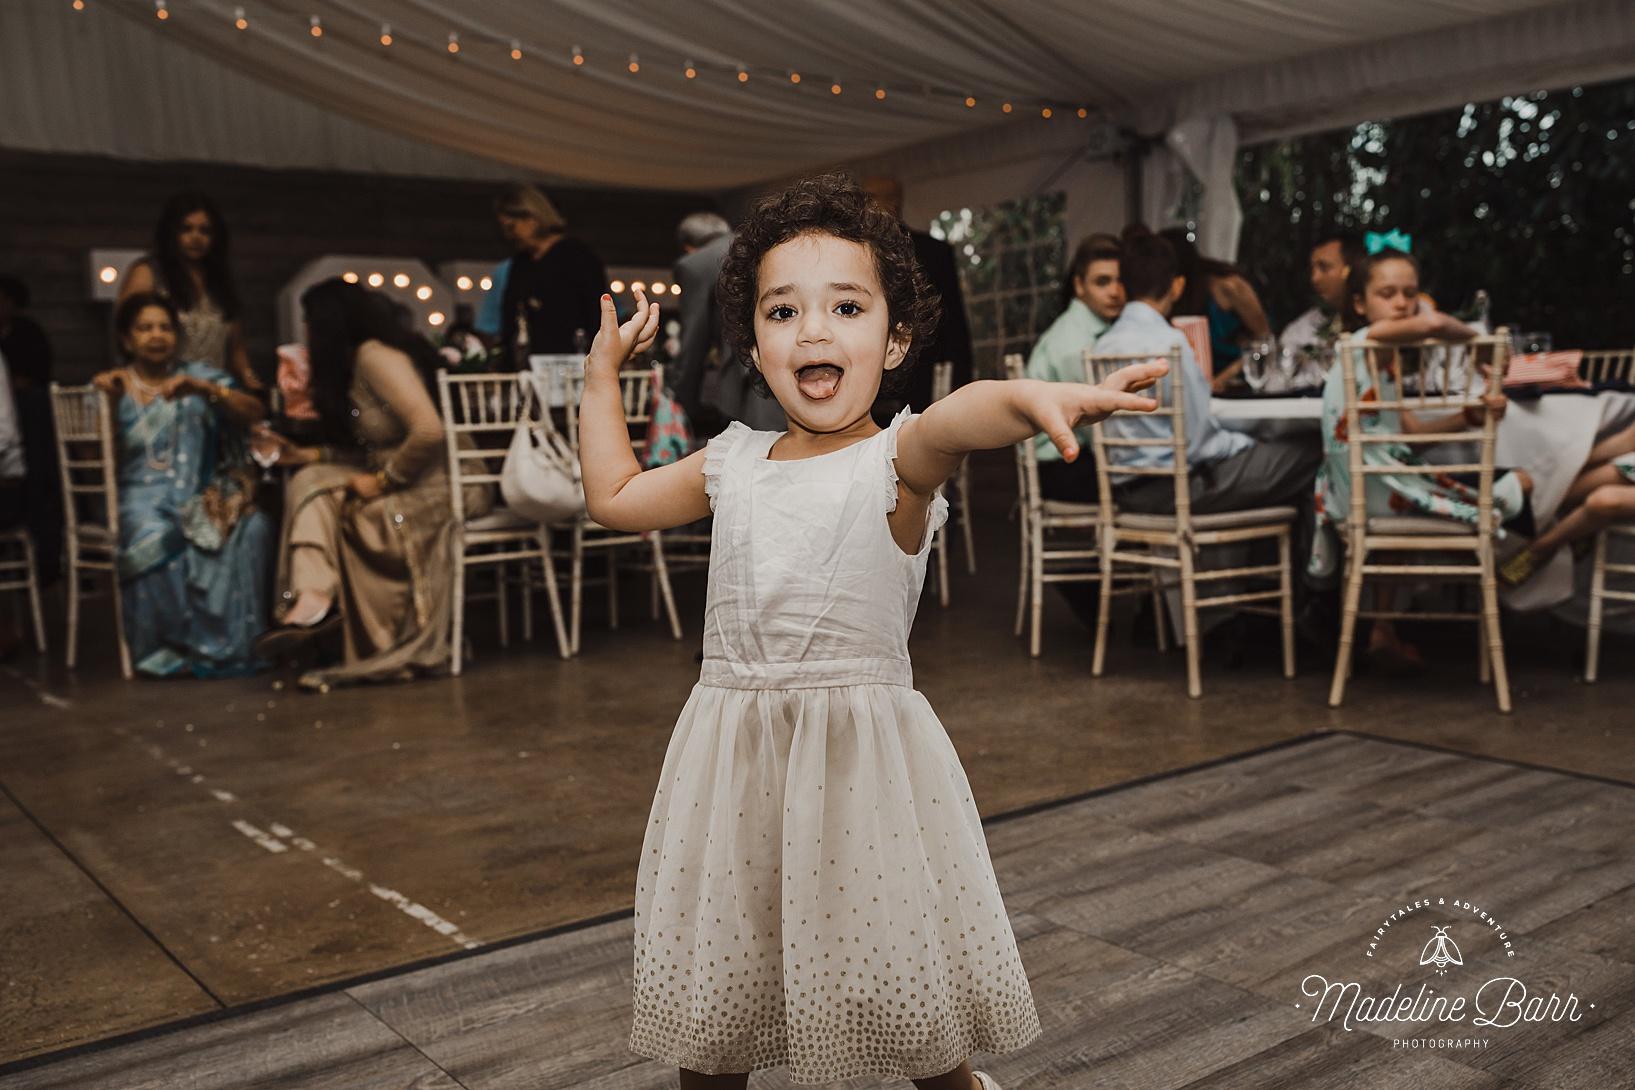 SanDiego_Multicultural_Elopement_Wedding0053.jpg